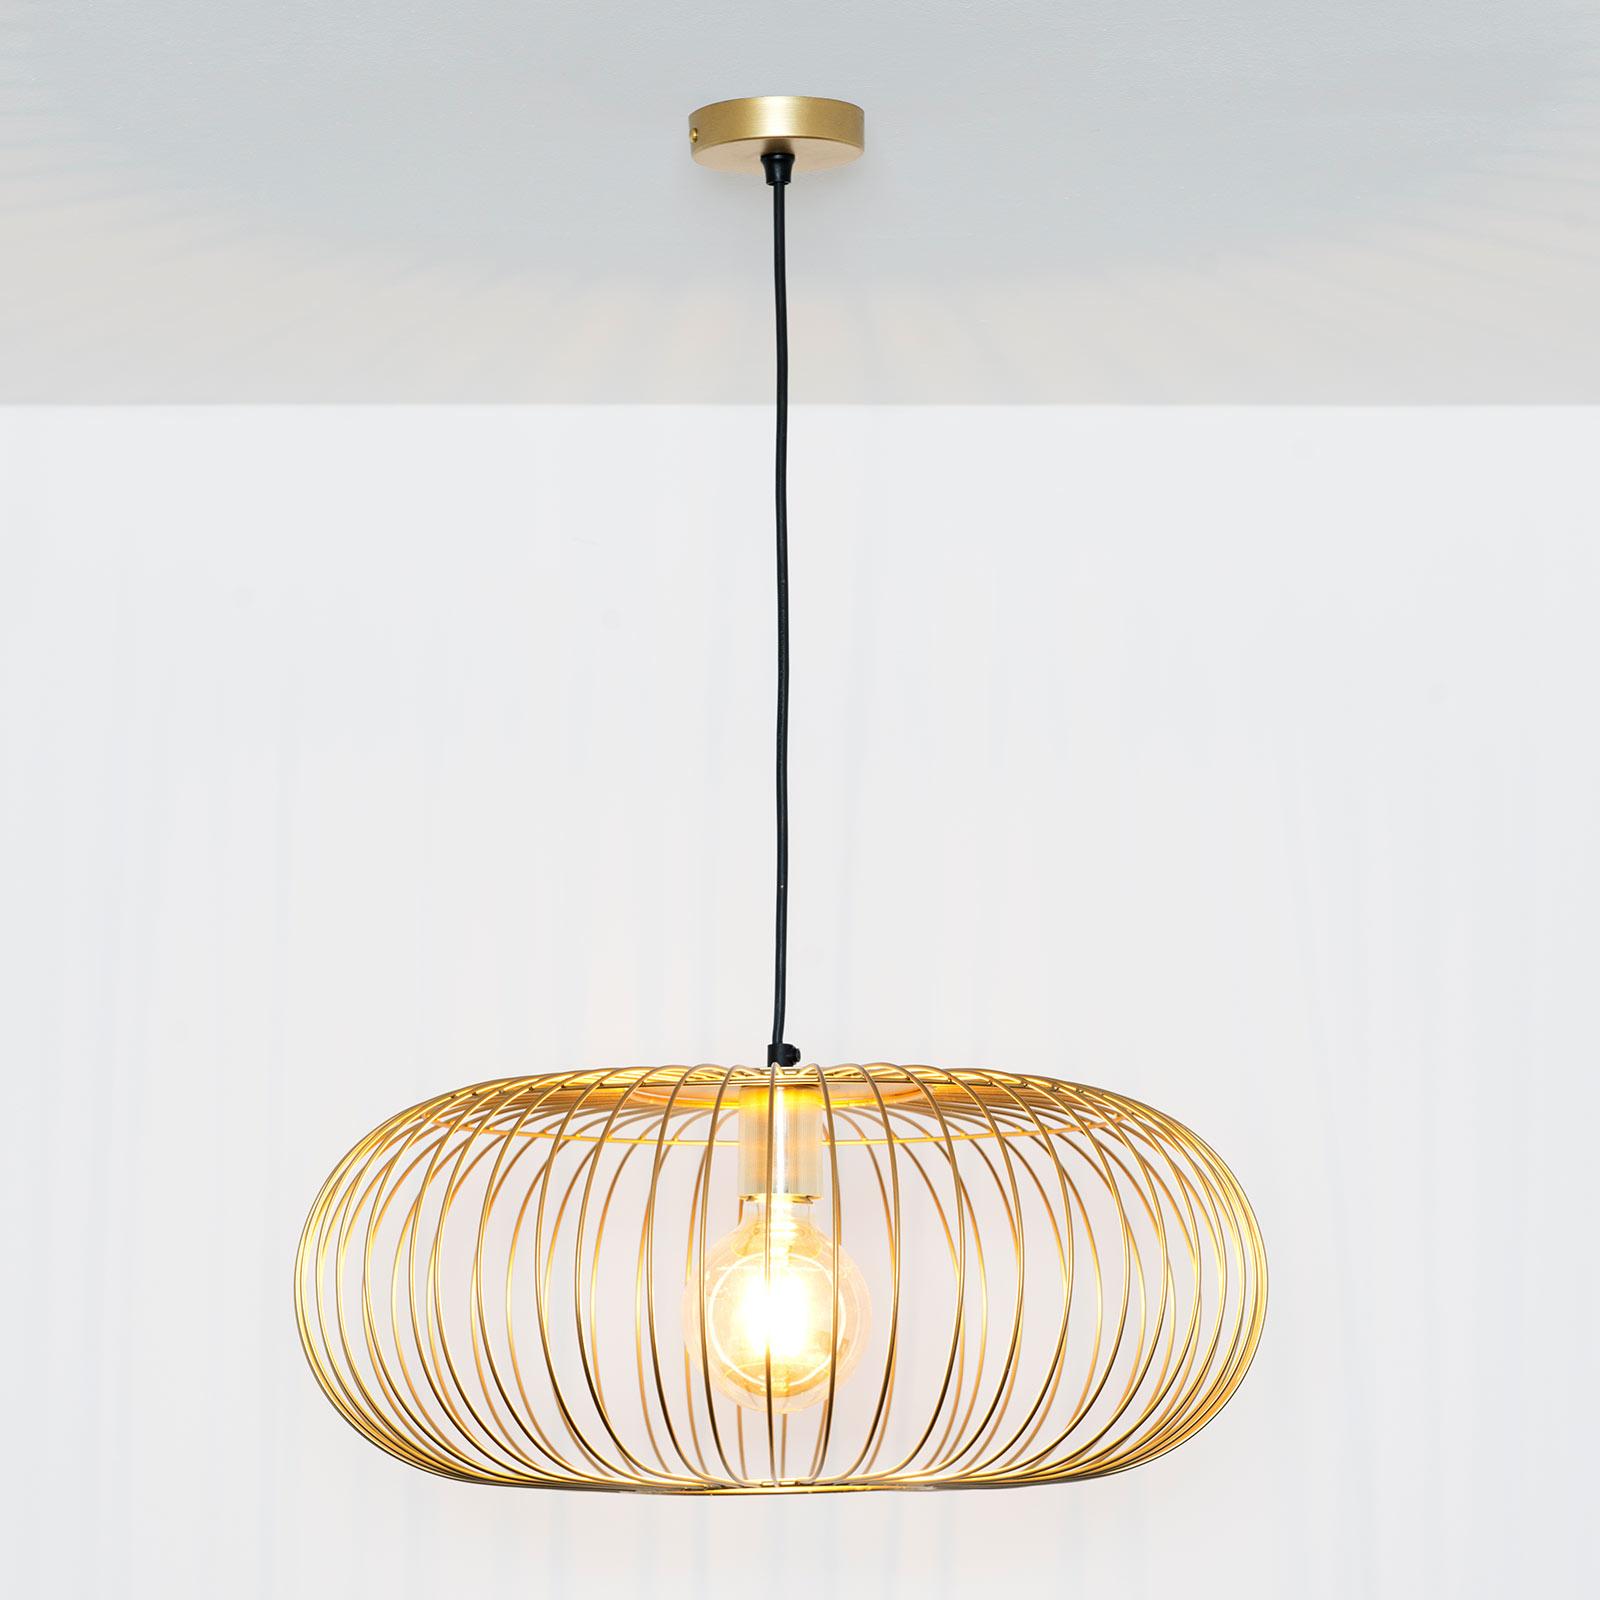 Lampada a sospensione Protetto, oro, Ø 40 cm